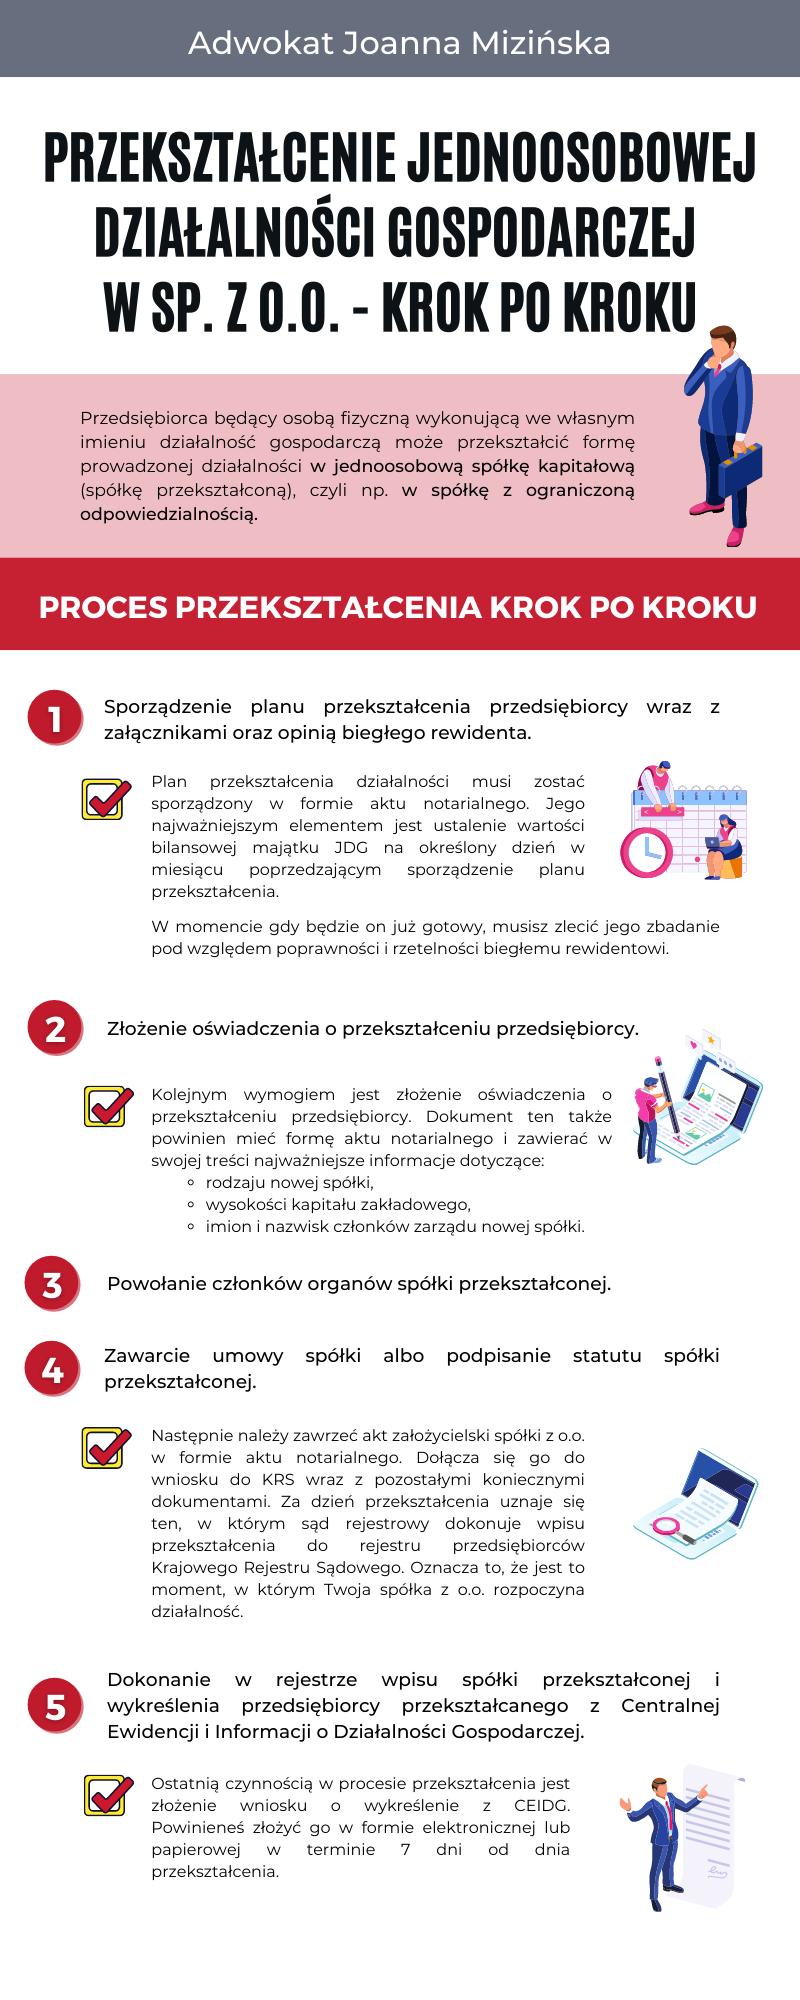 przekształcenie jednoosobowej działalności gospodarczej wsp. zo.o.